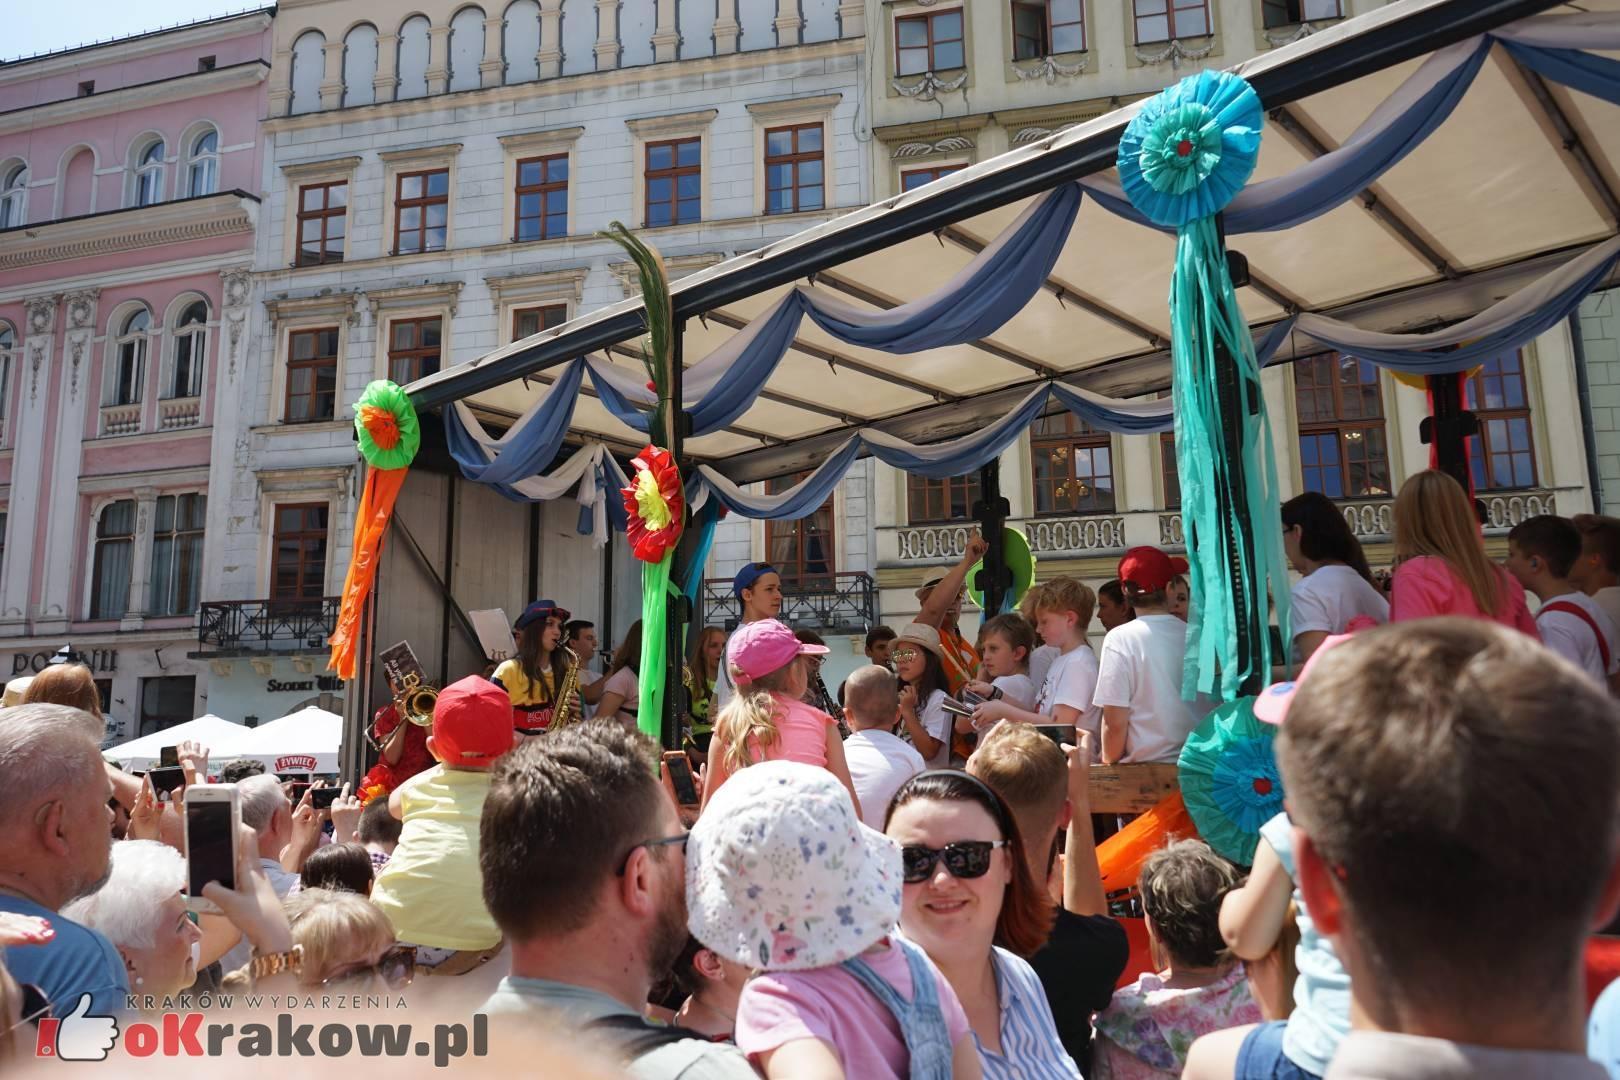 wielka parada smokow przeszla przez krakow w 40 smokow do okola swiata 2019 8 150x150 - Parada Smoków przeszła przez Kraków. Obszerna galeria zdjęć - 2 czerwca 2019 w Krakowie